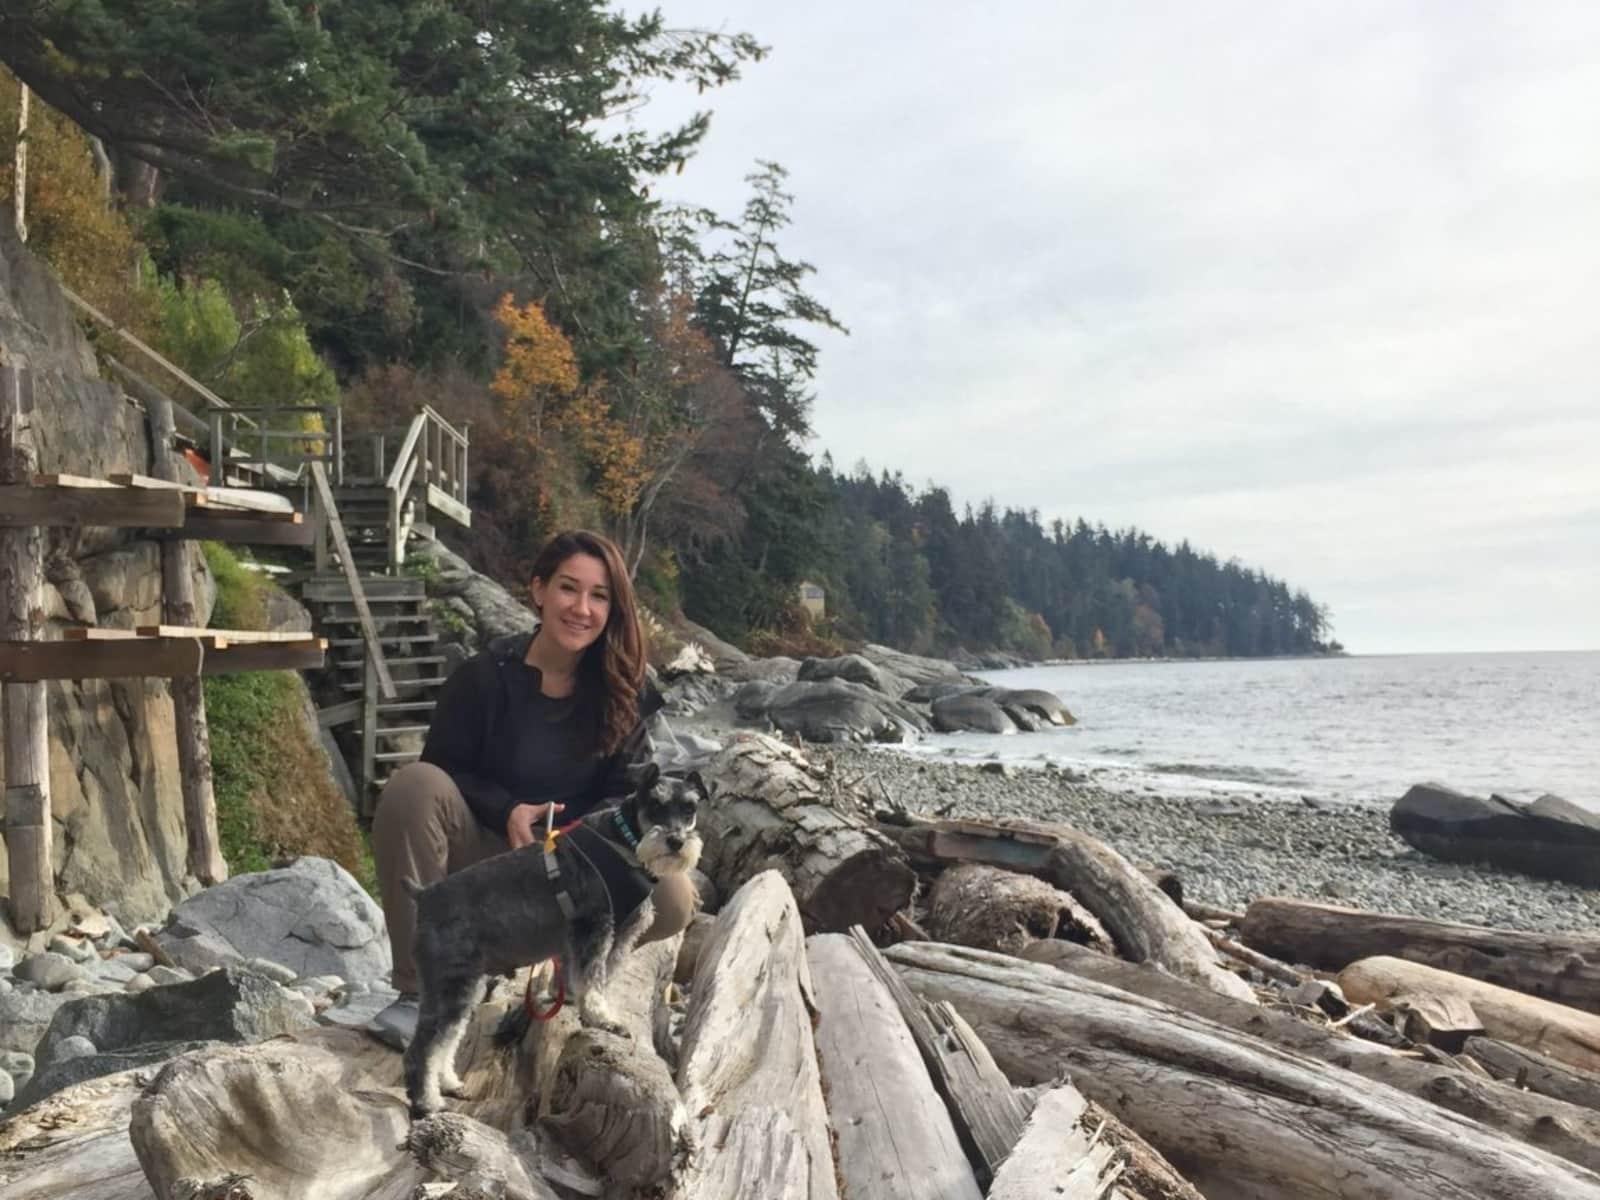 Andrea from Calgary, Alberta, Canada